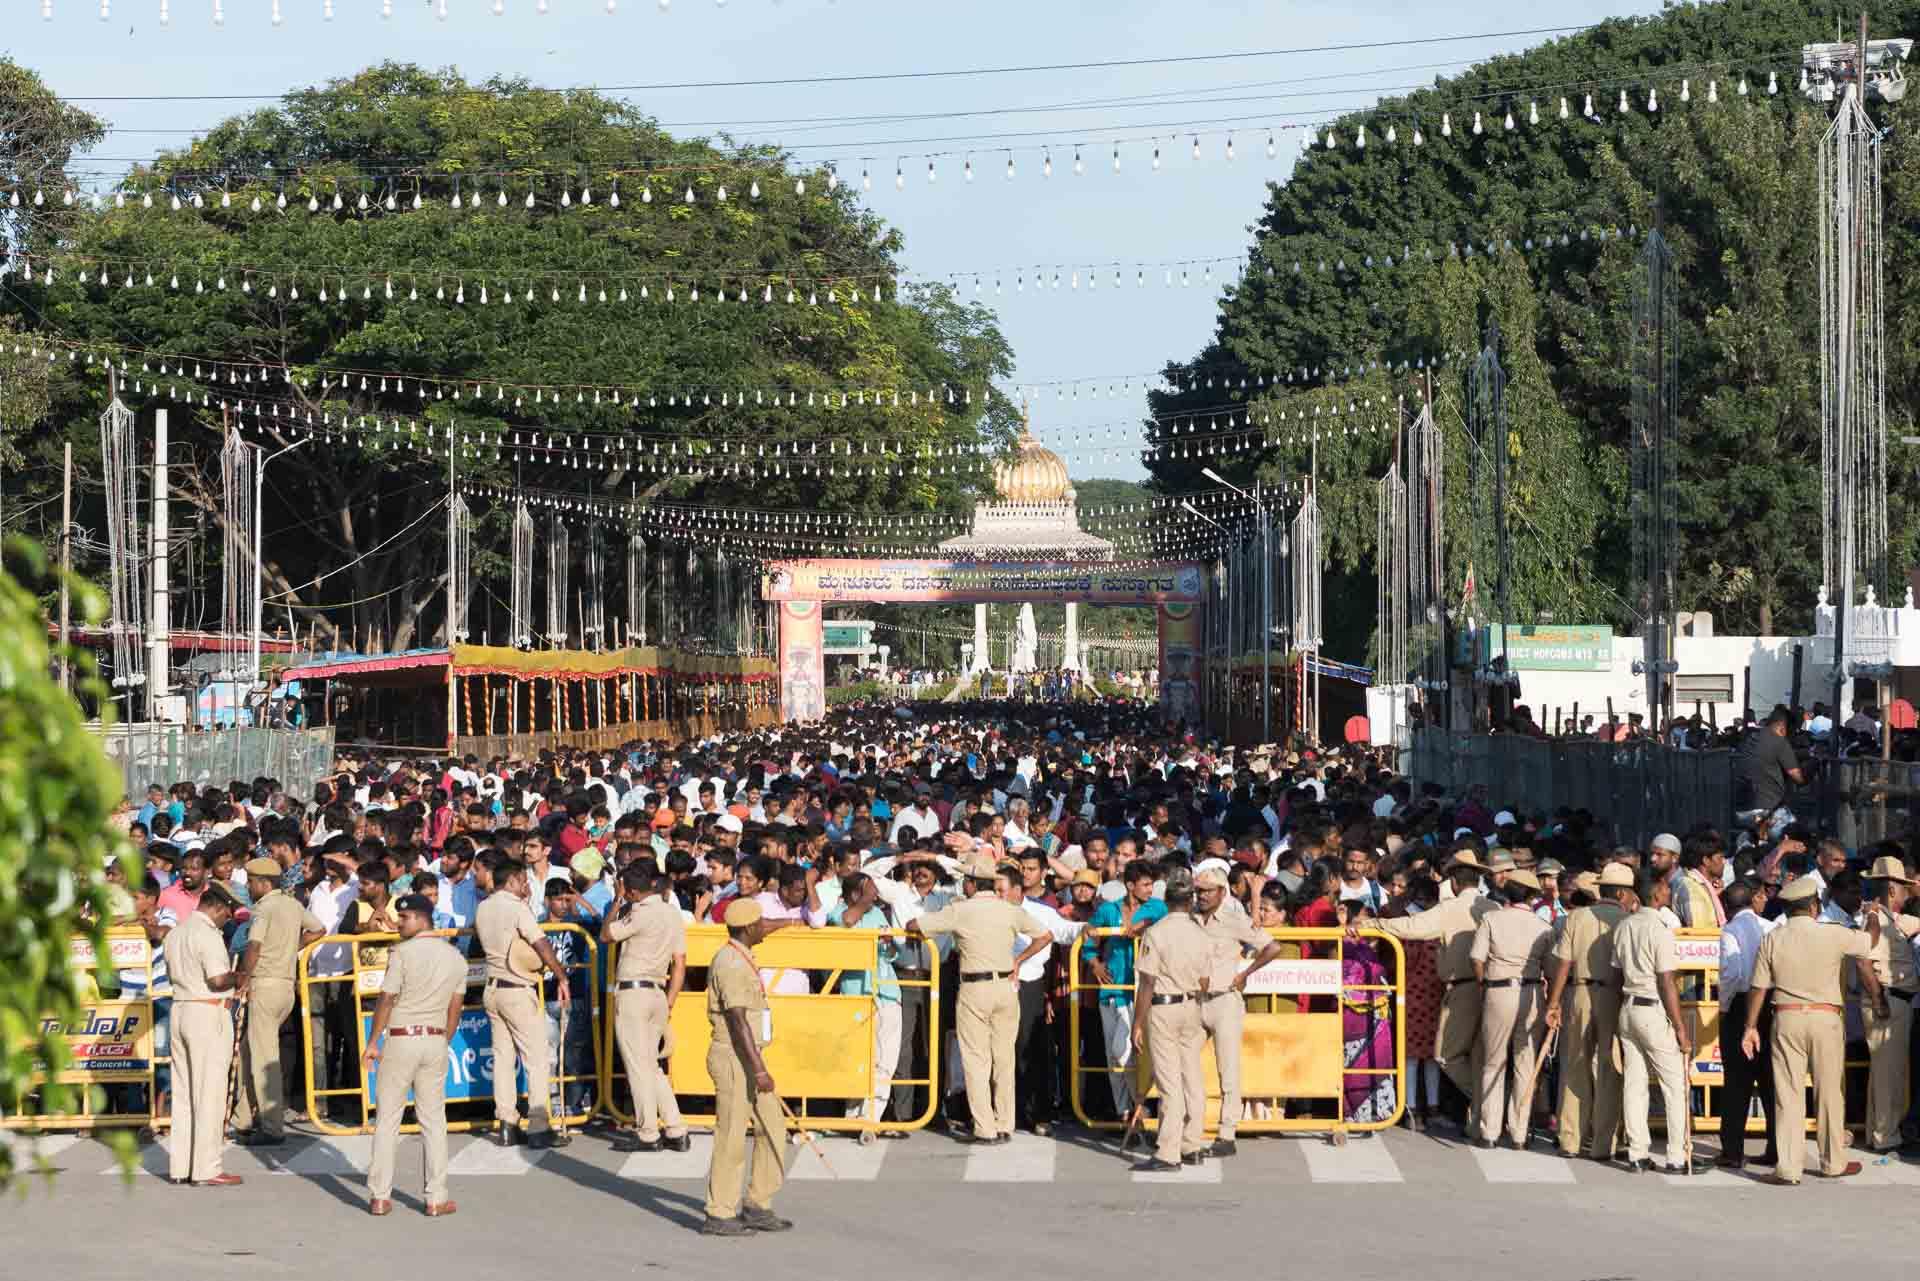 Die Menschenmenge während der Parade